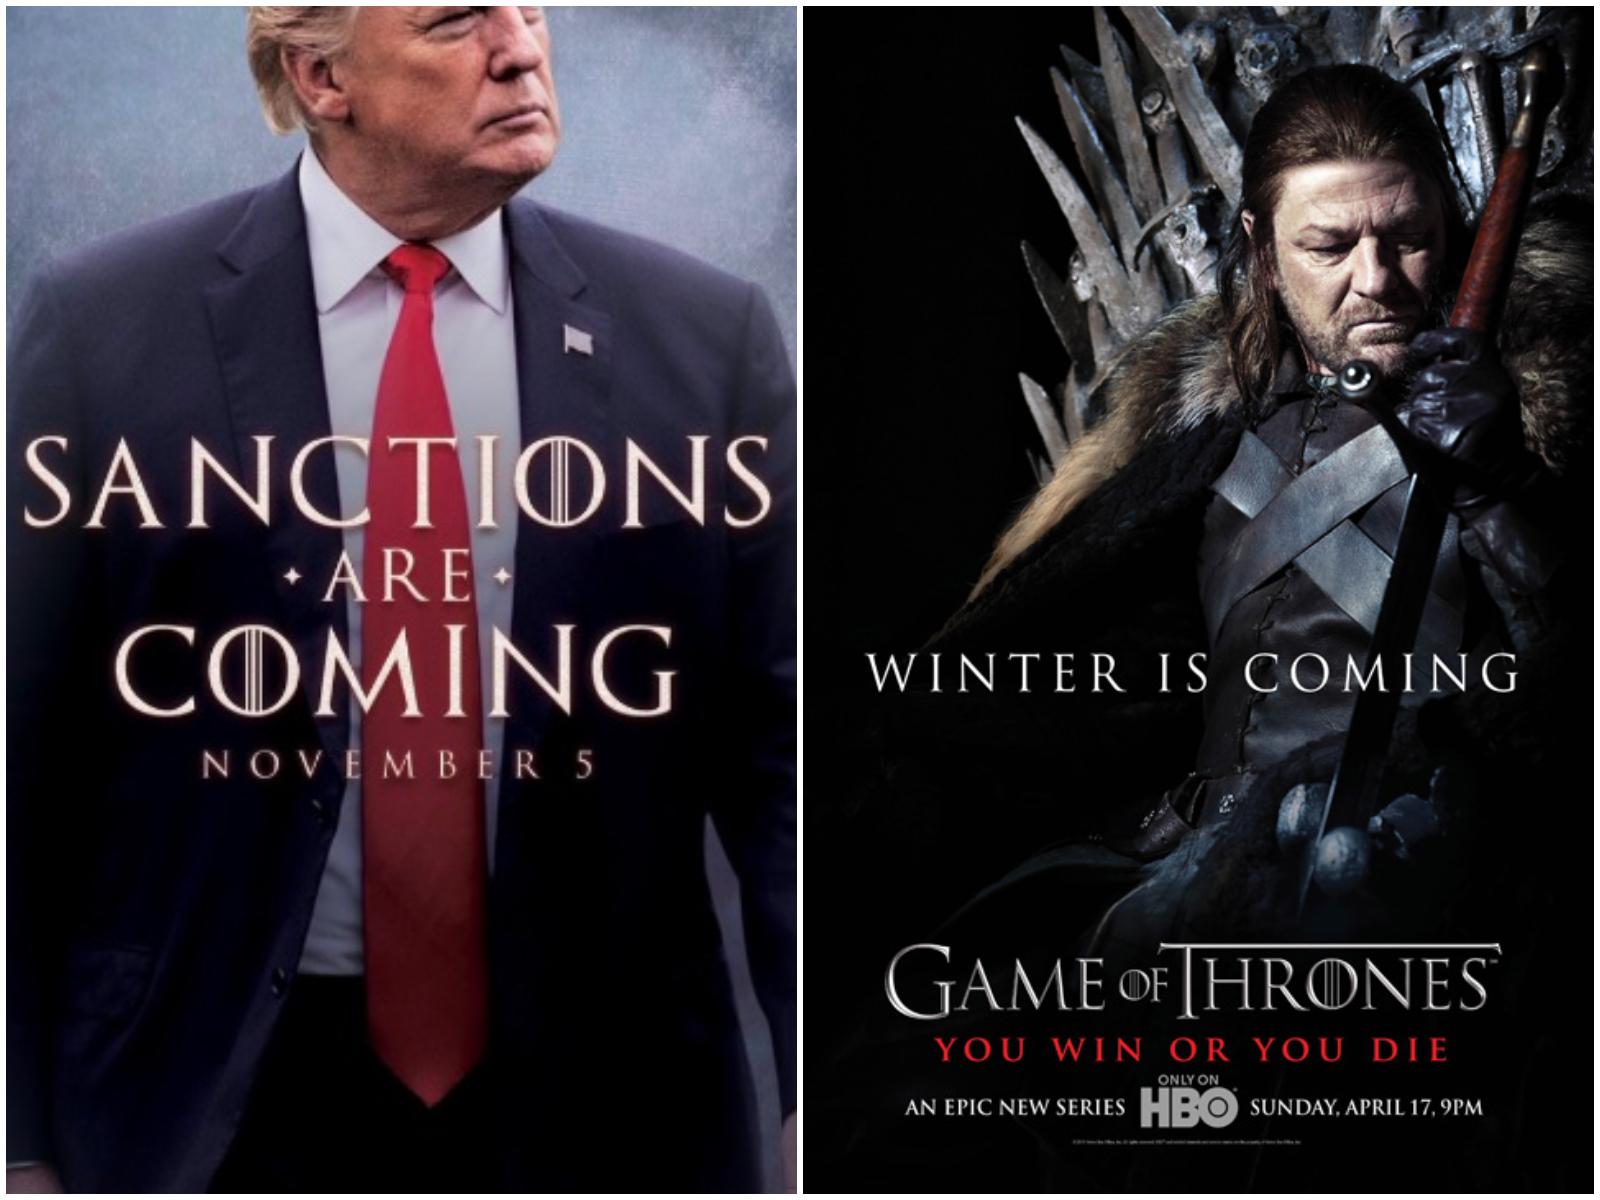 特朗普以《权力游戏》式的宣传海报(左),预告即将恢复对伊朗全面制裁。-图取自网络-